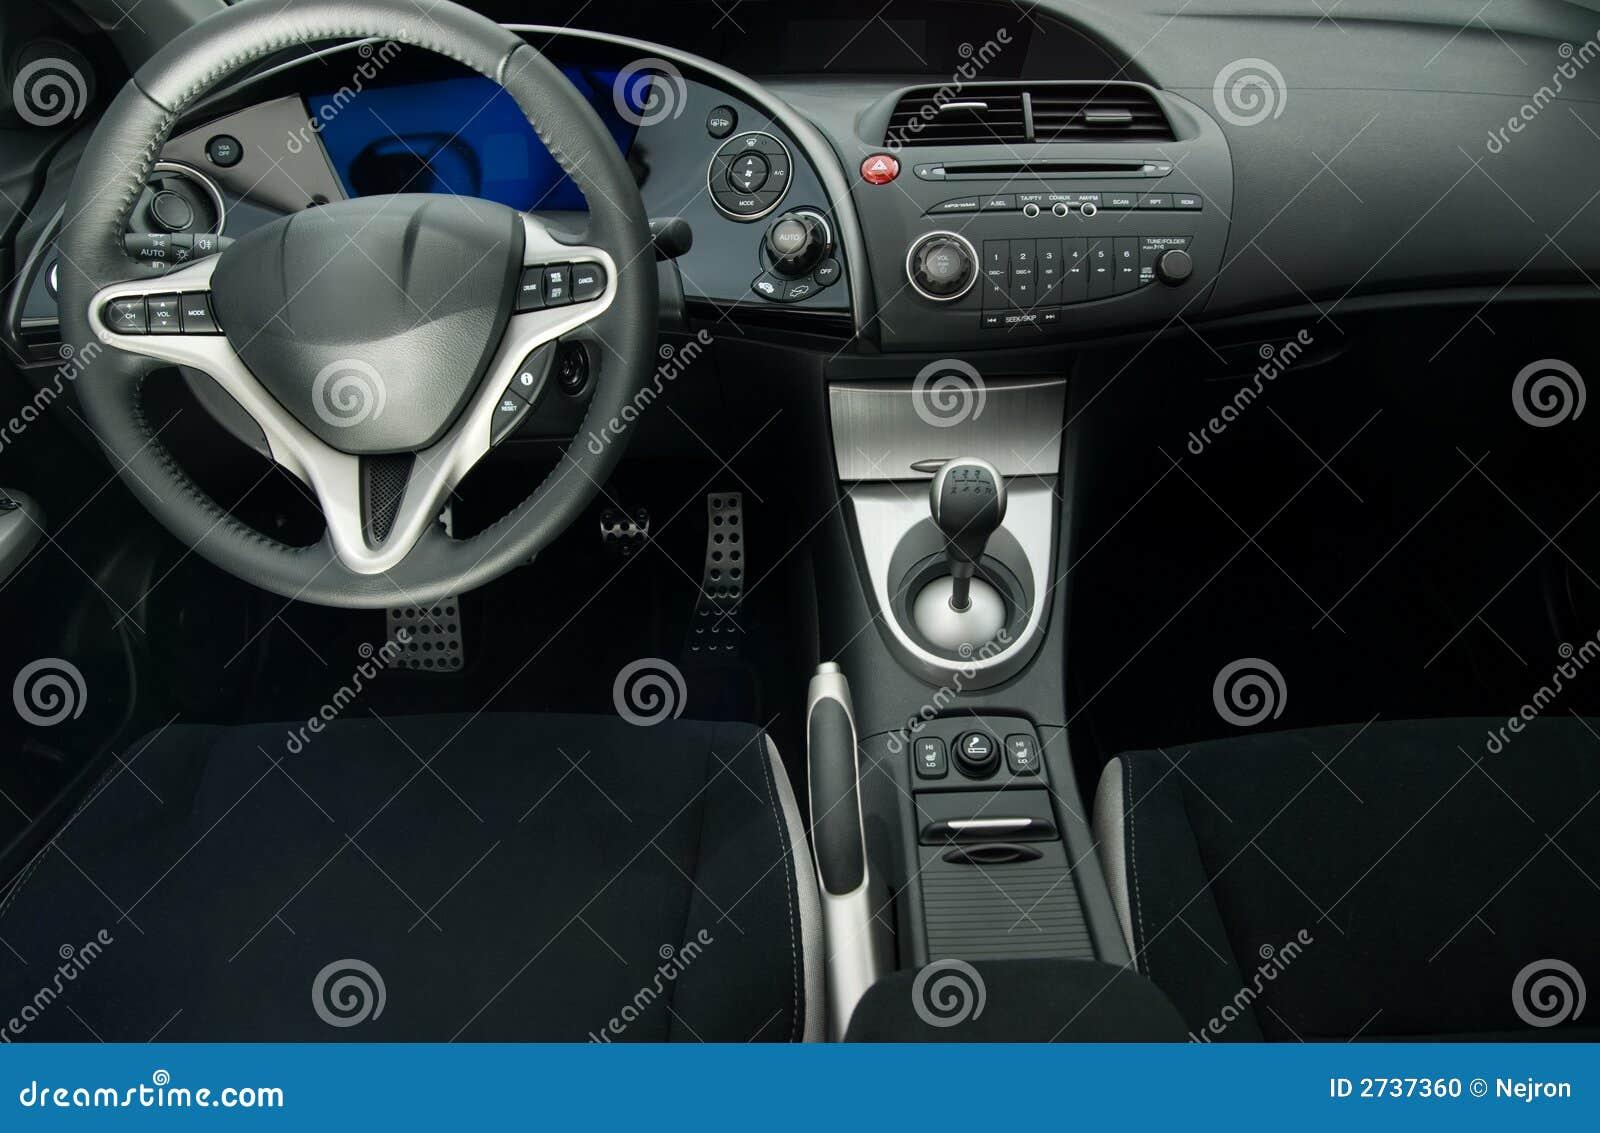 modern sport car interior stock photo image of design 2737360. Black Bedroom Furniture Sets. Home Design Ideas